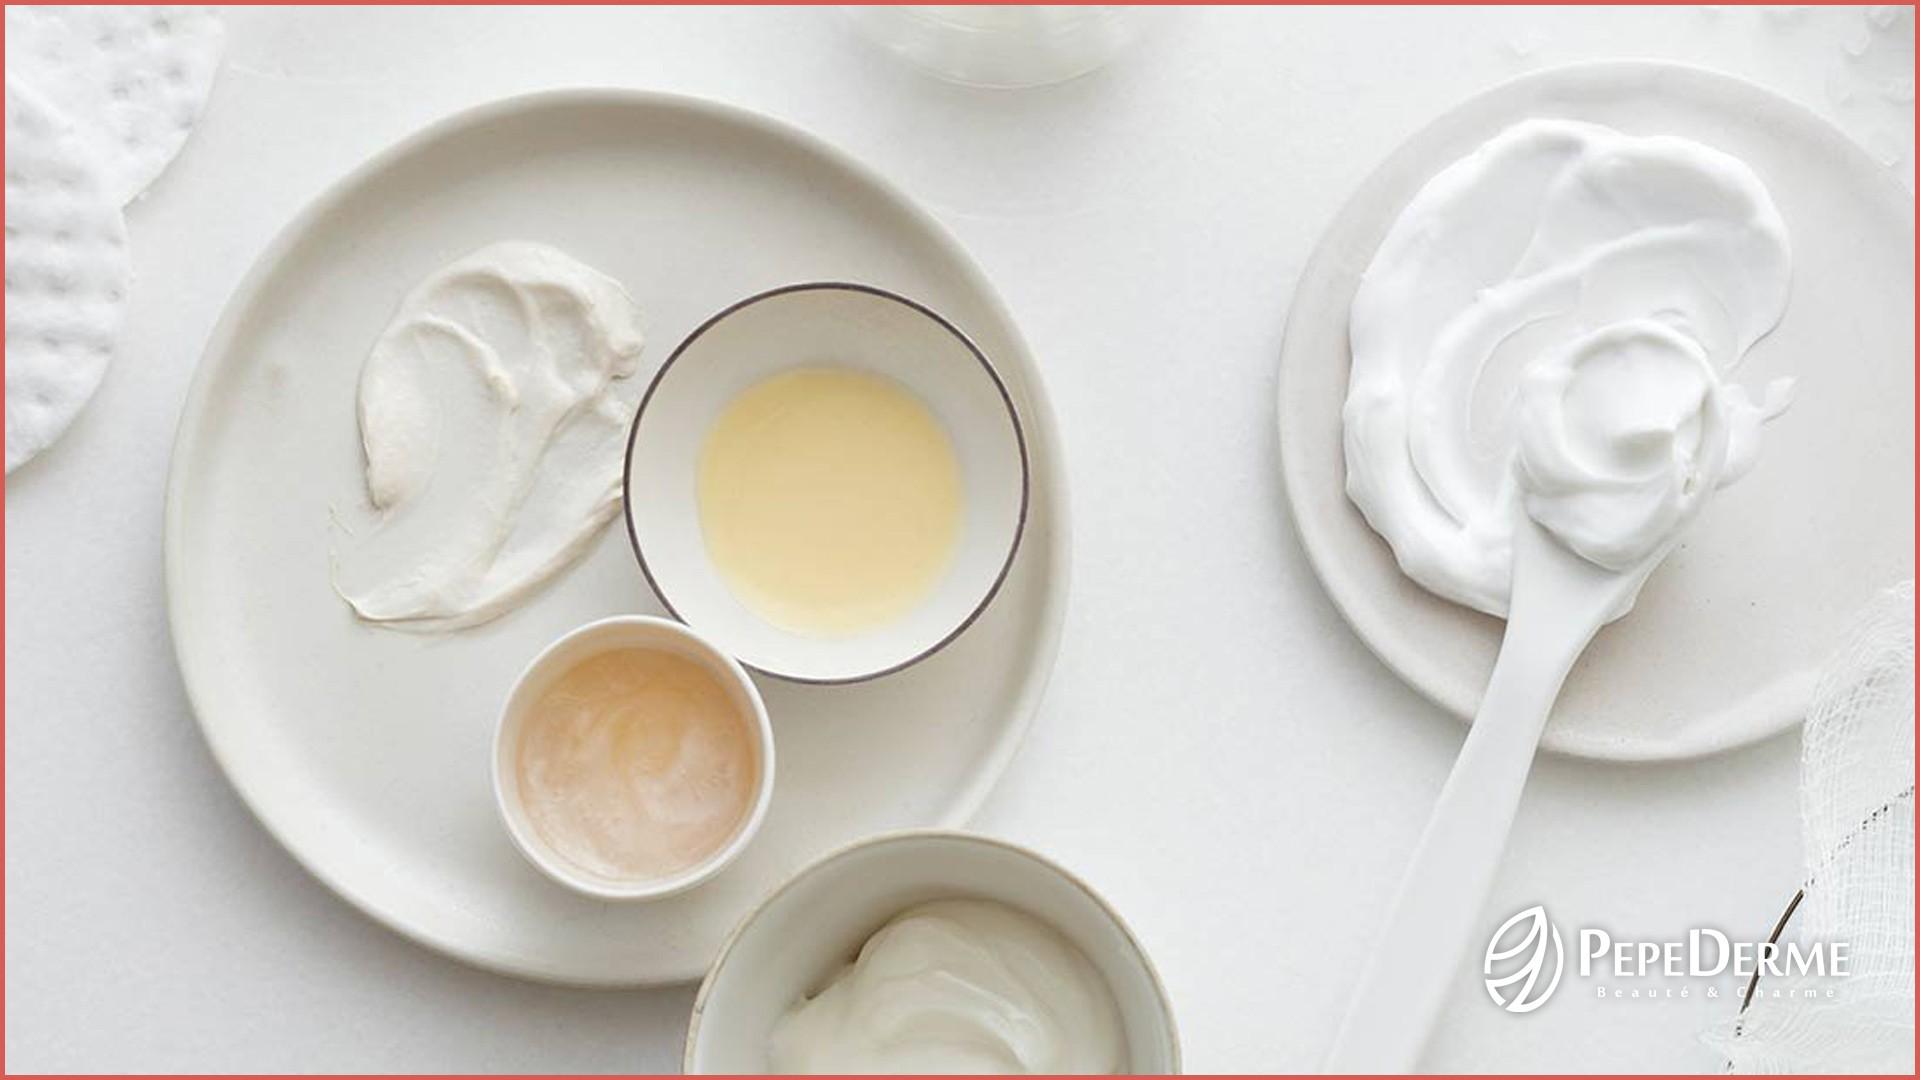 KYSELINA MLÉČNÁ (Lactic Acid) a její využití v dermokosmetice PepeDerme